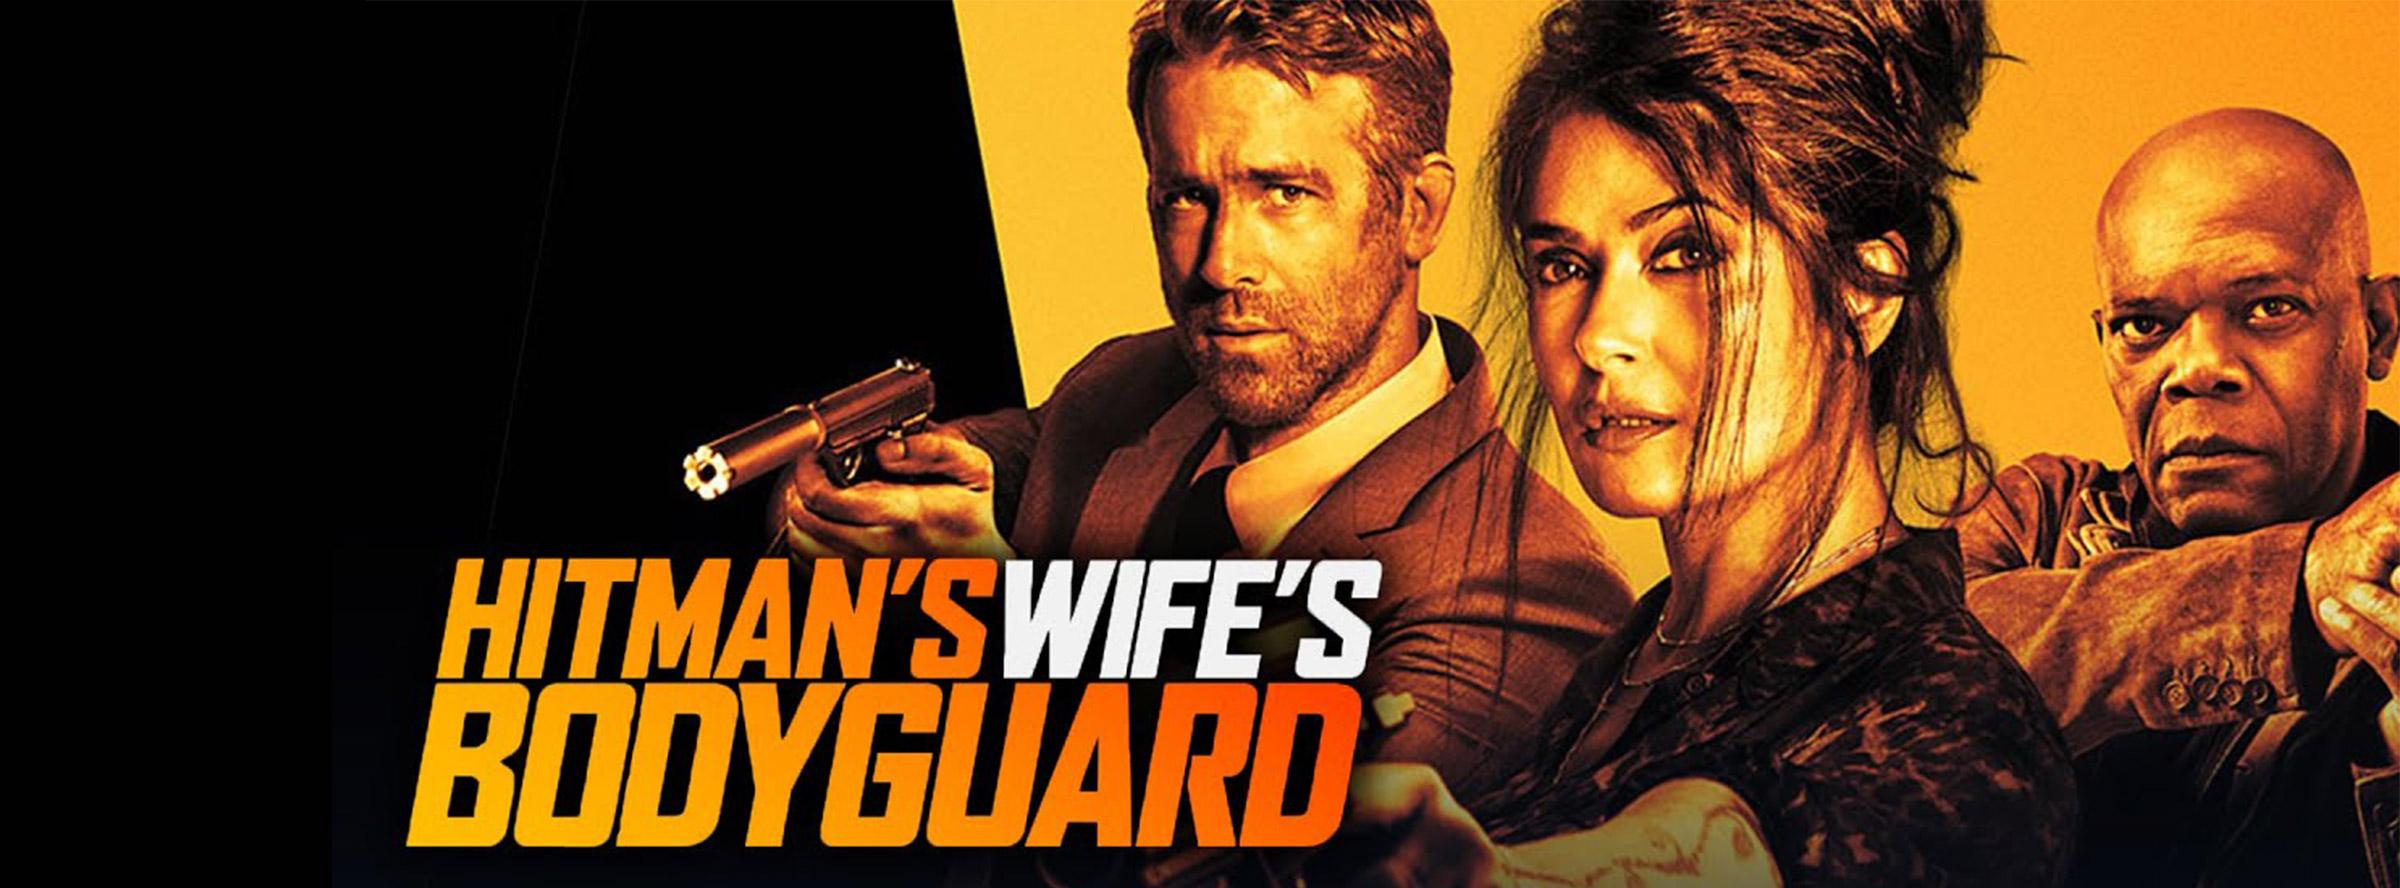 Slider Image for The Hitman's Wife's Bodyguard